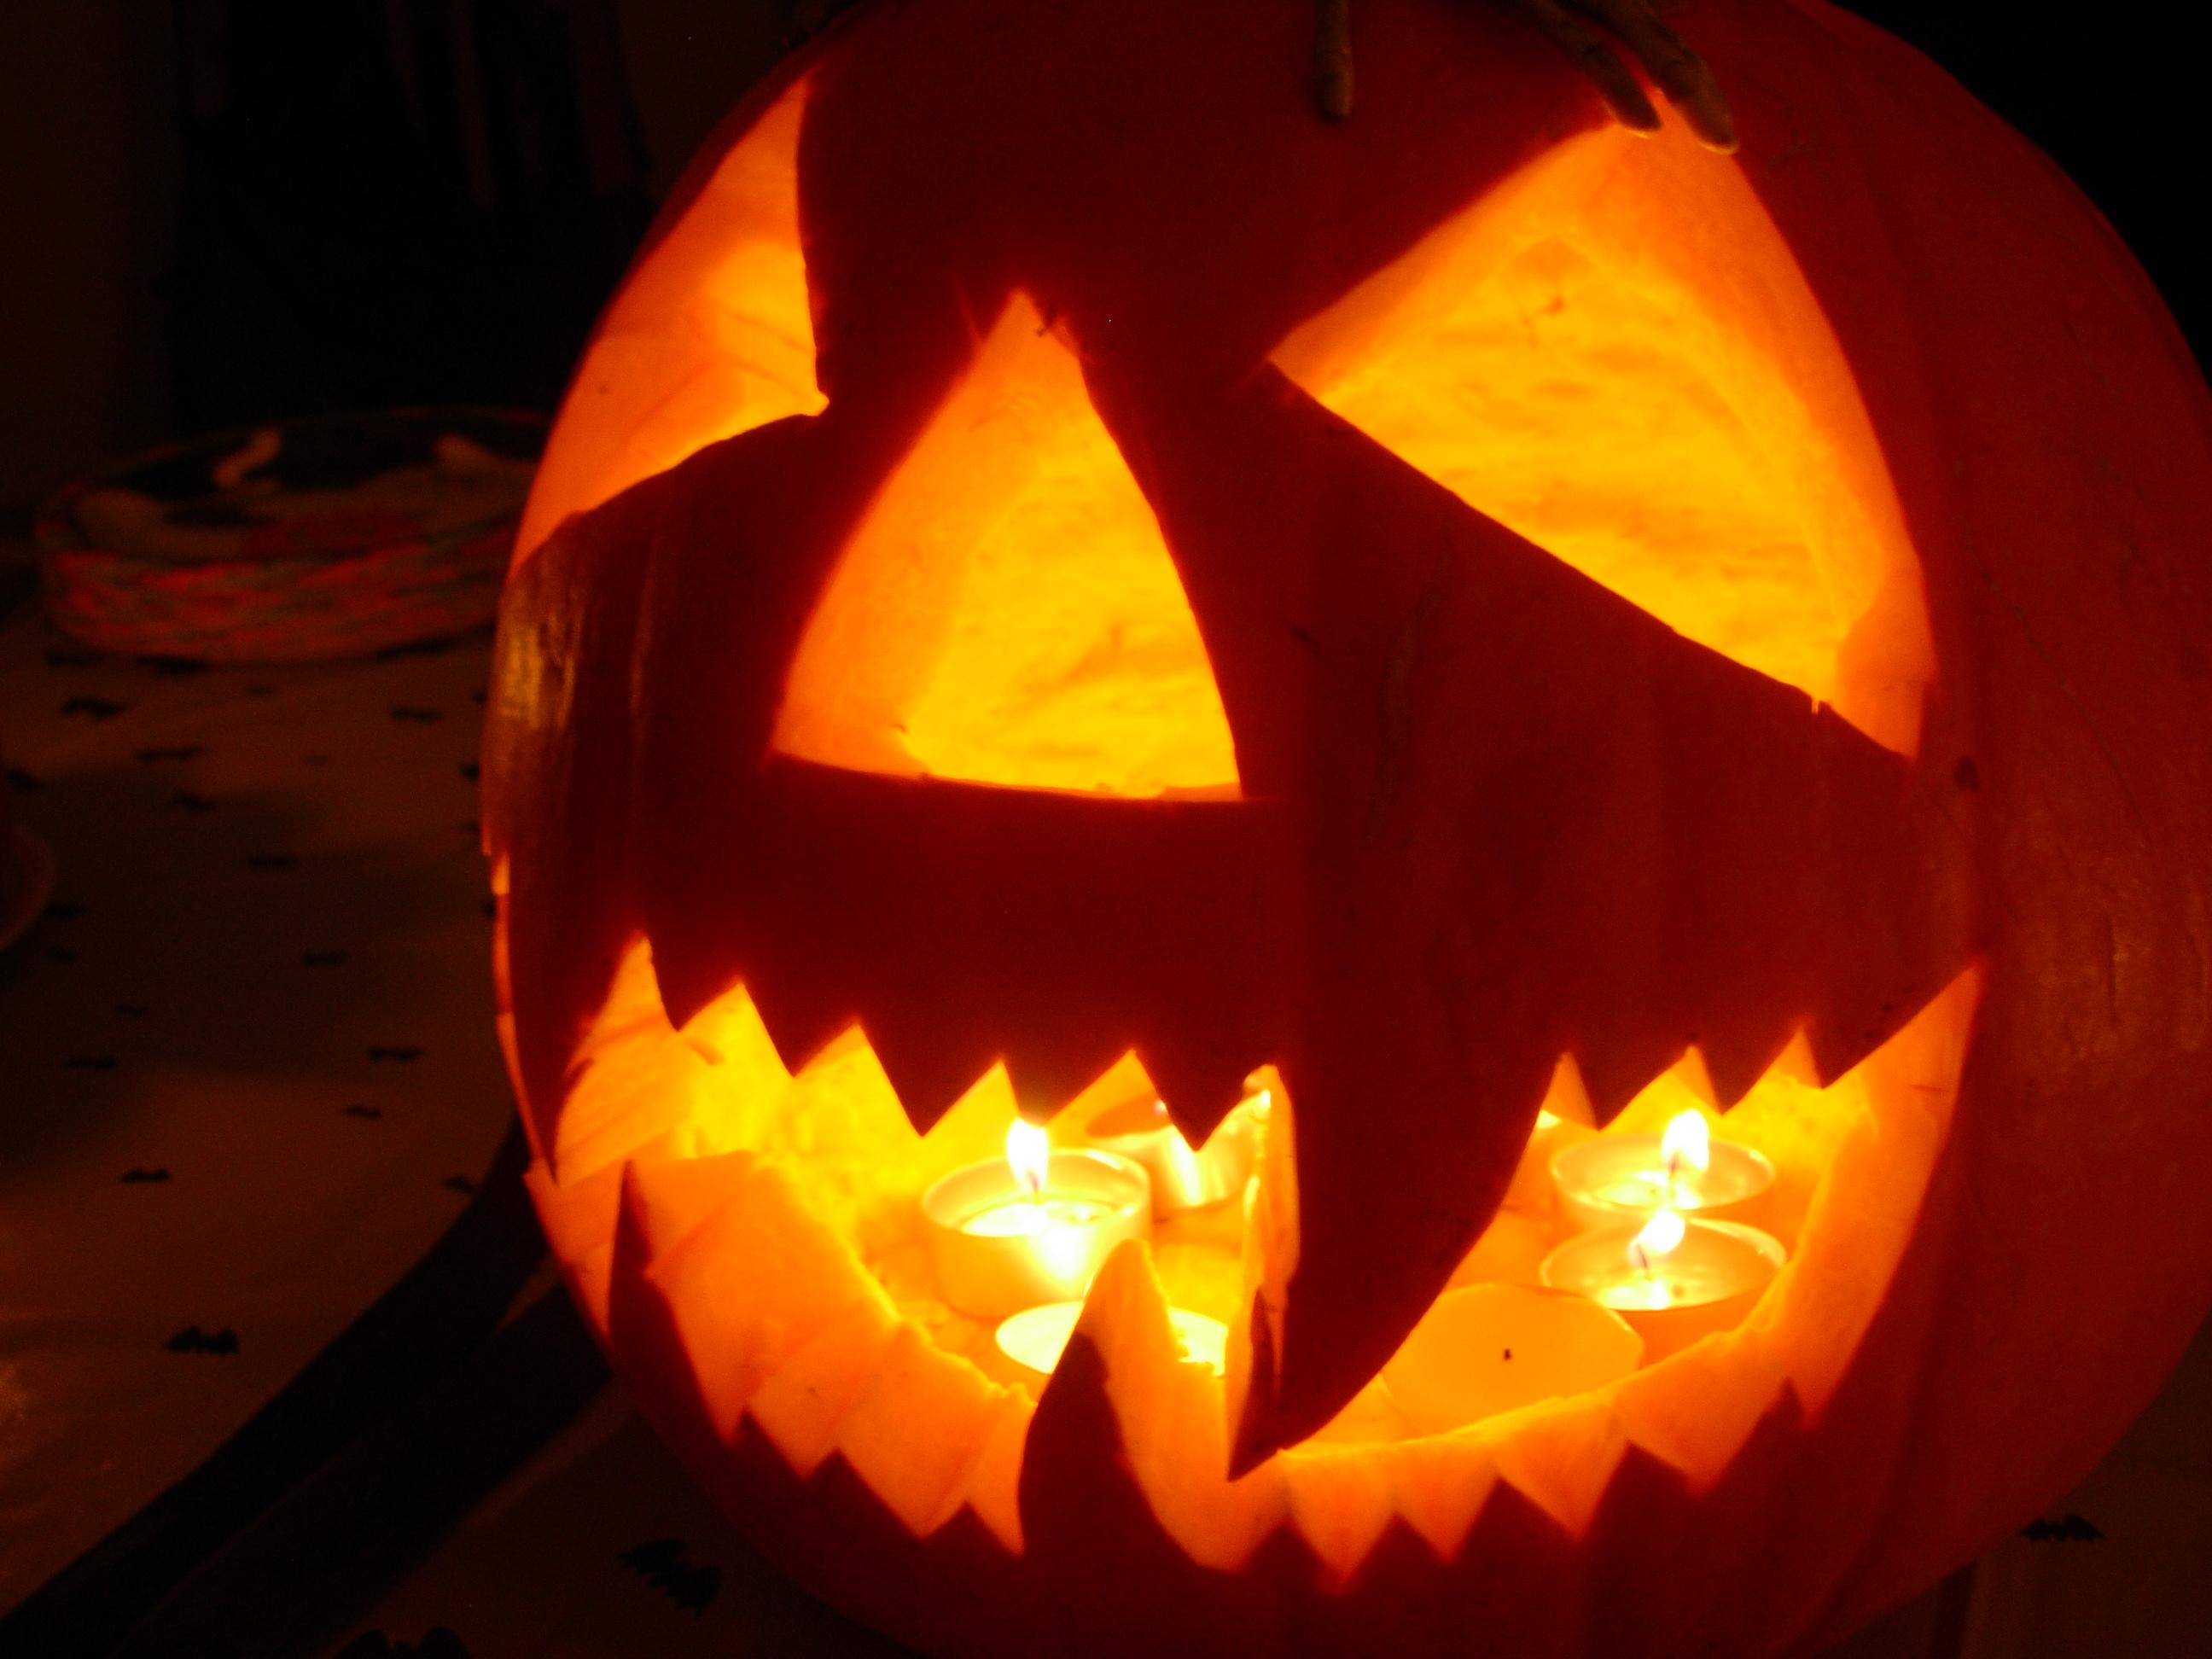 Bouche Citrouille Halloween.Tete De Citrouille Pour Halloween Gamm Vert